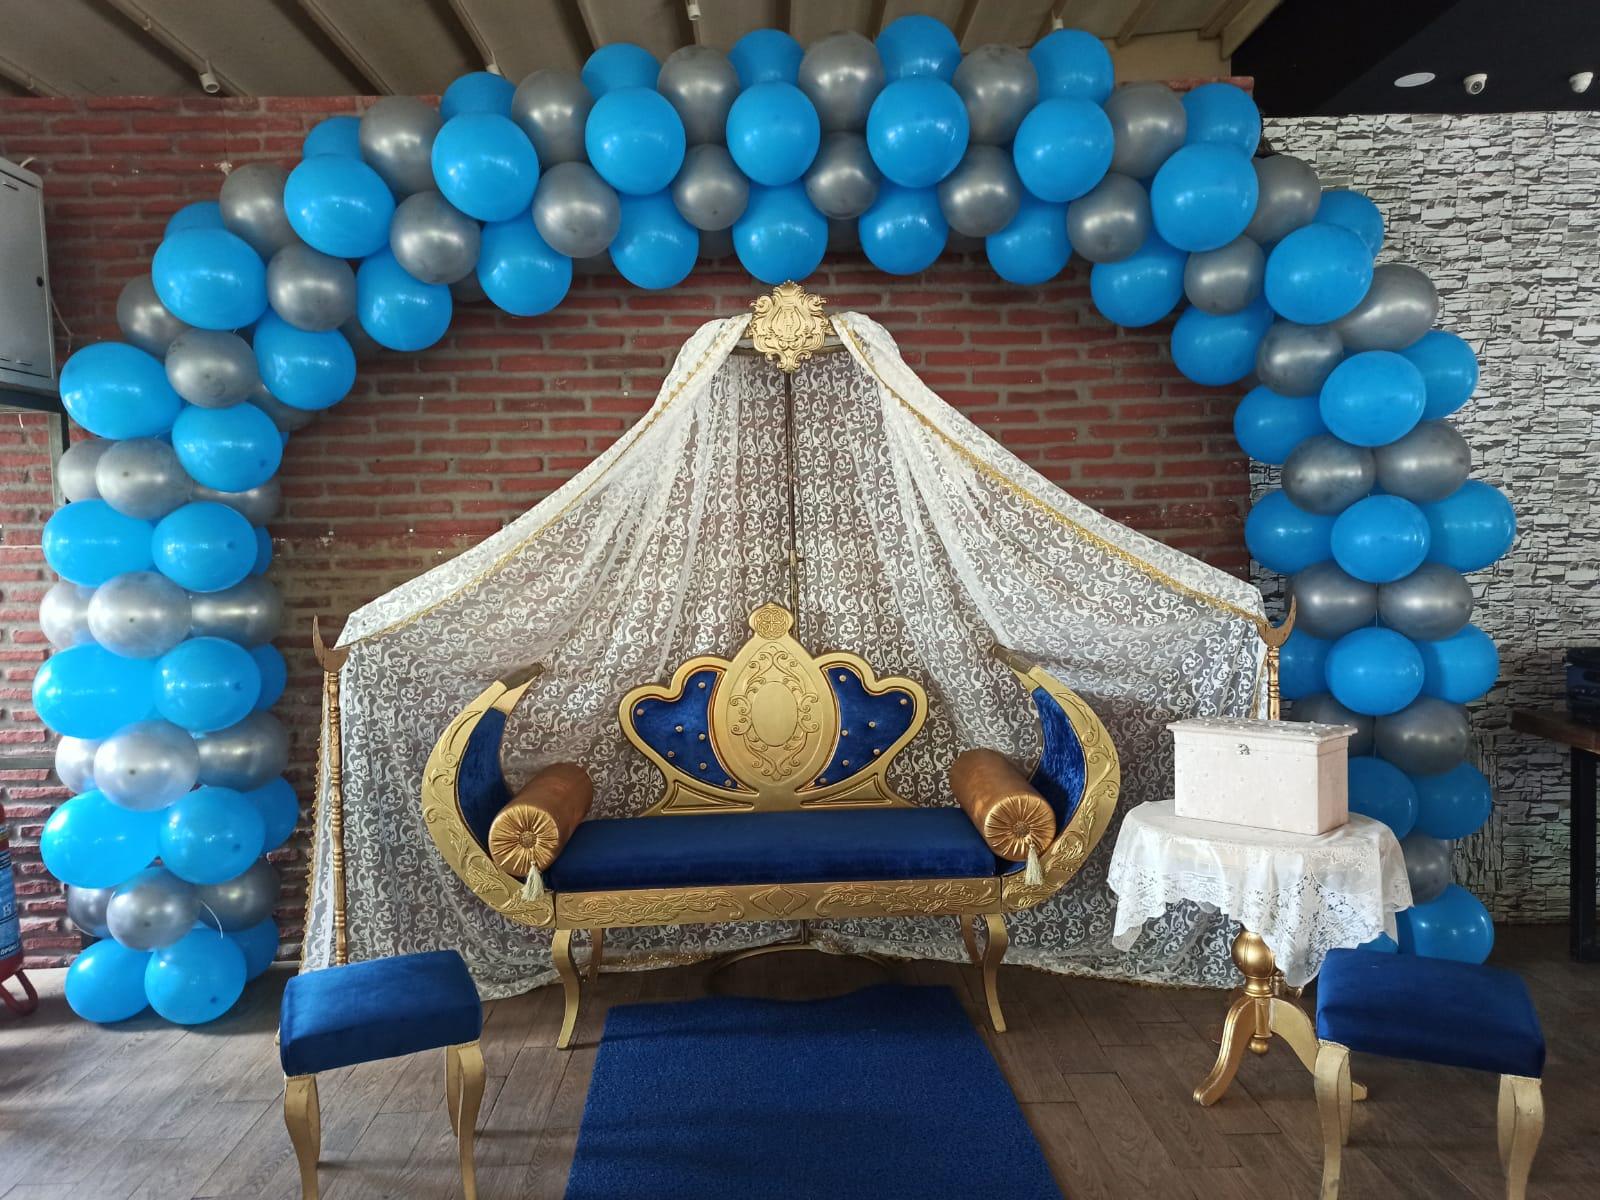 Mavi Çift Kişilik Balonlu Sünnet Tahtı